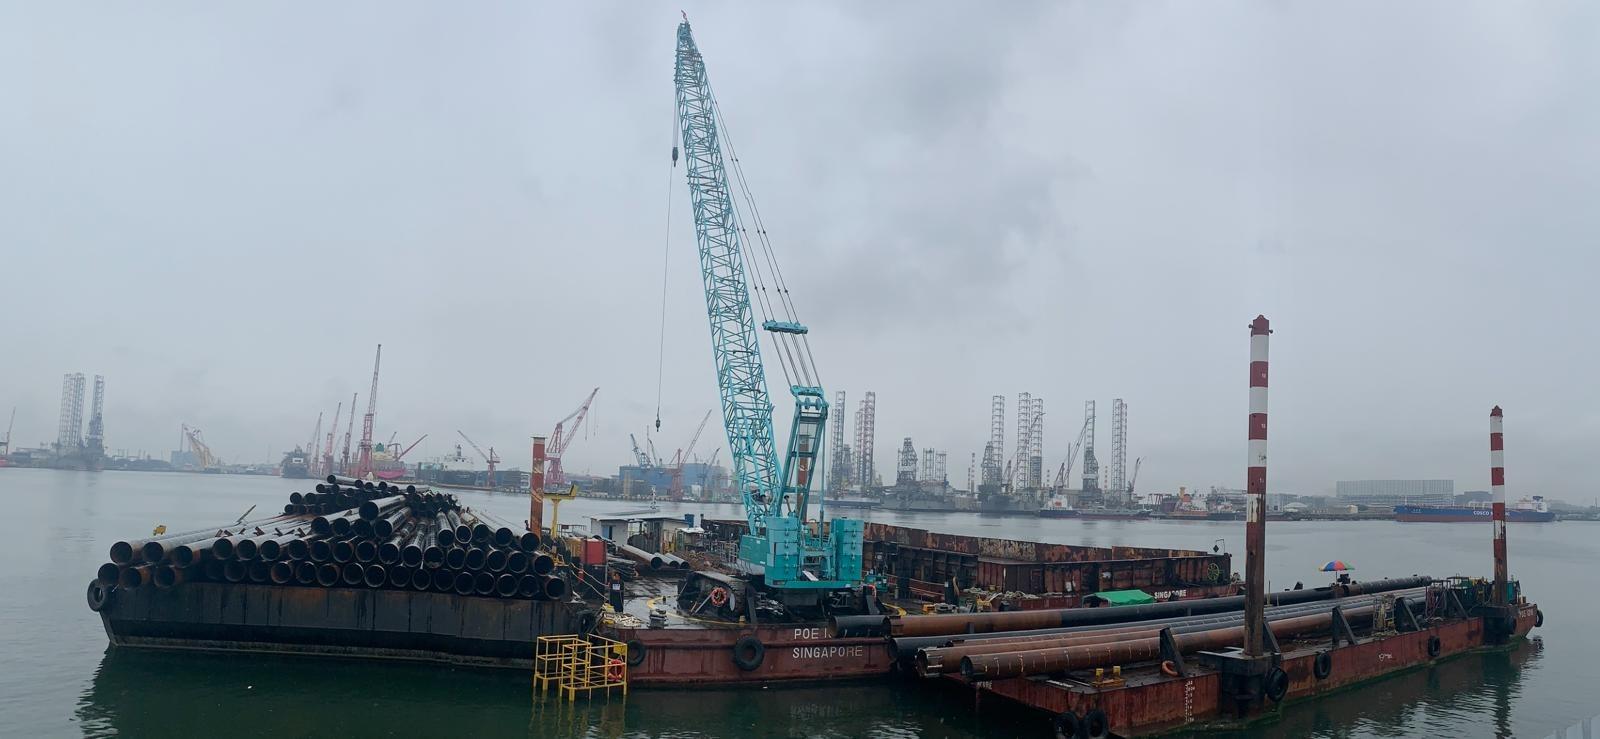 Sulfur Handling Pier  - 2019